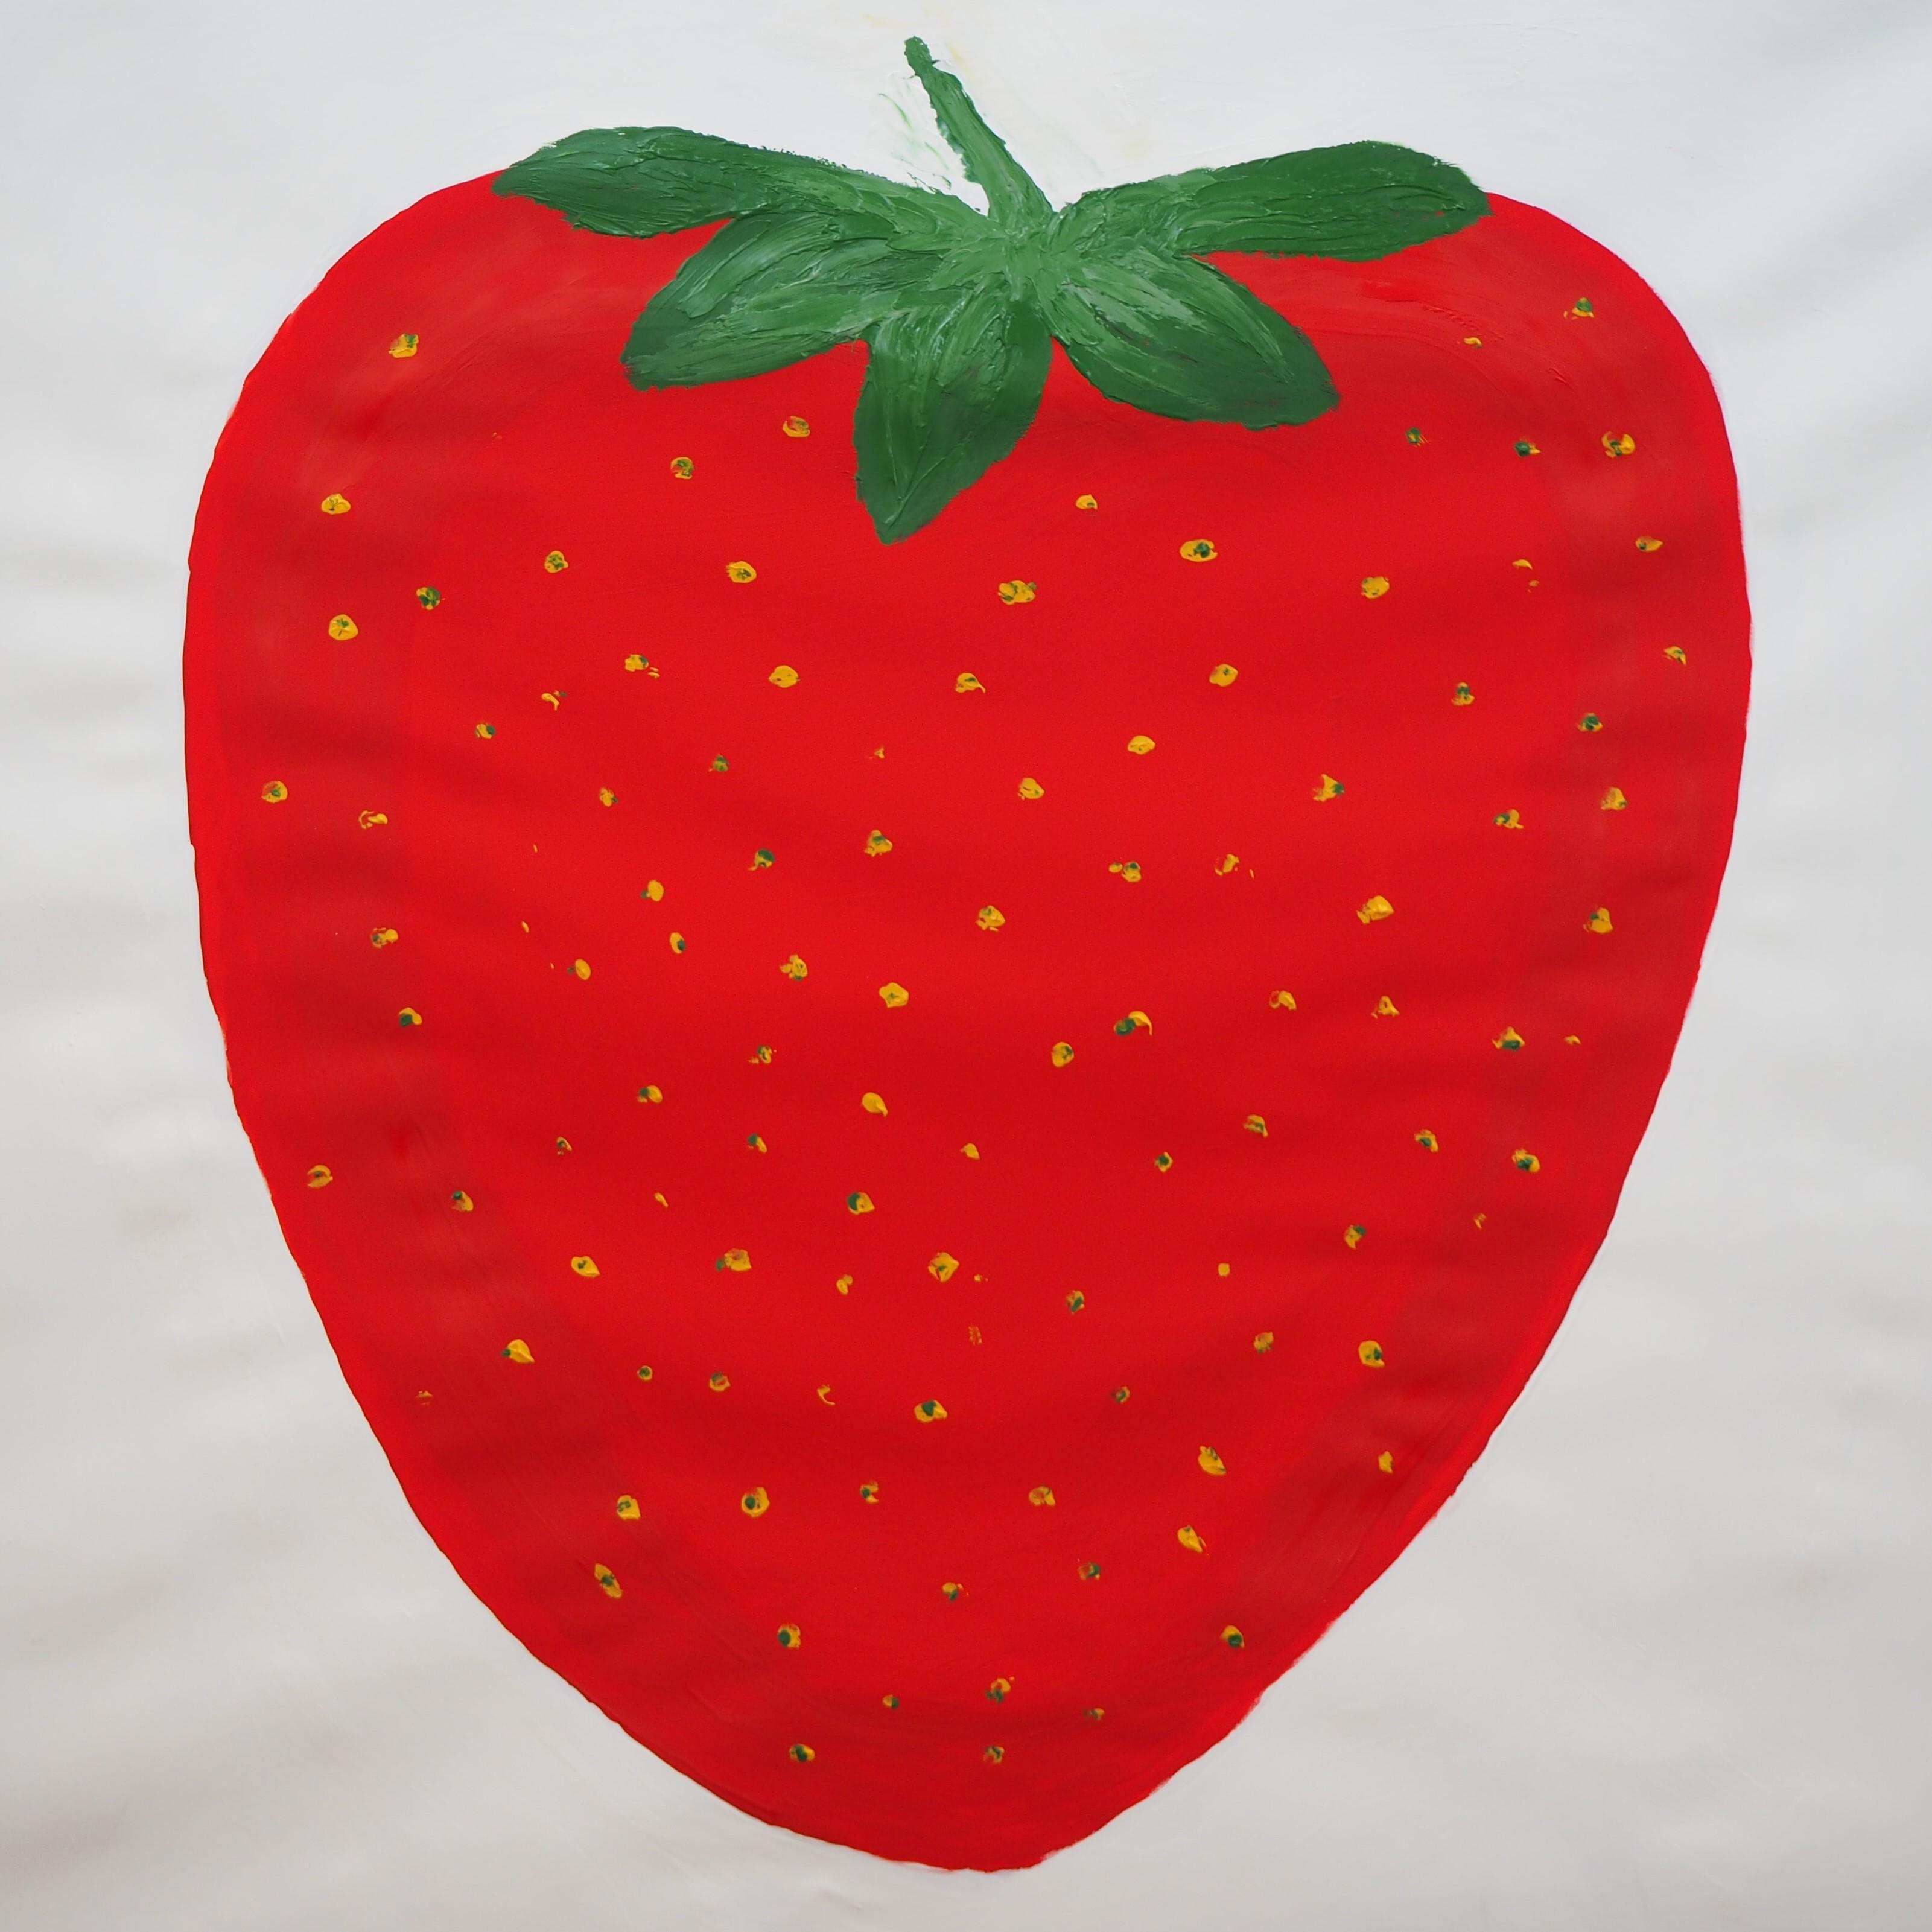 Pintura de una fresa